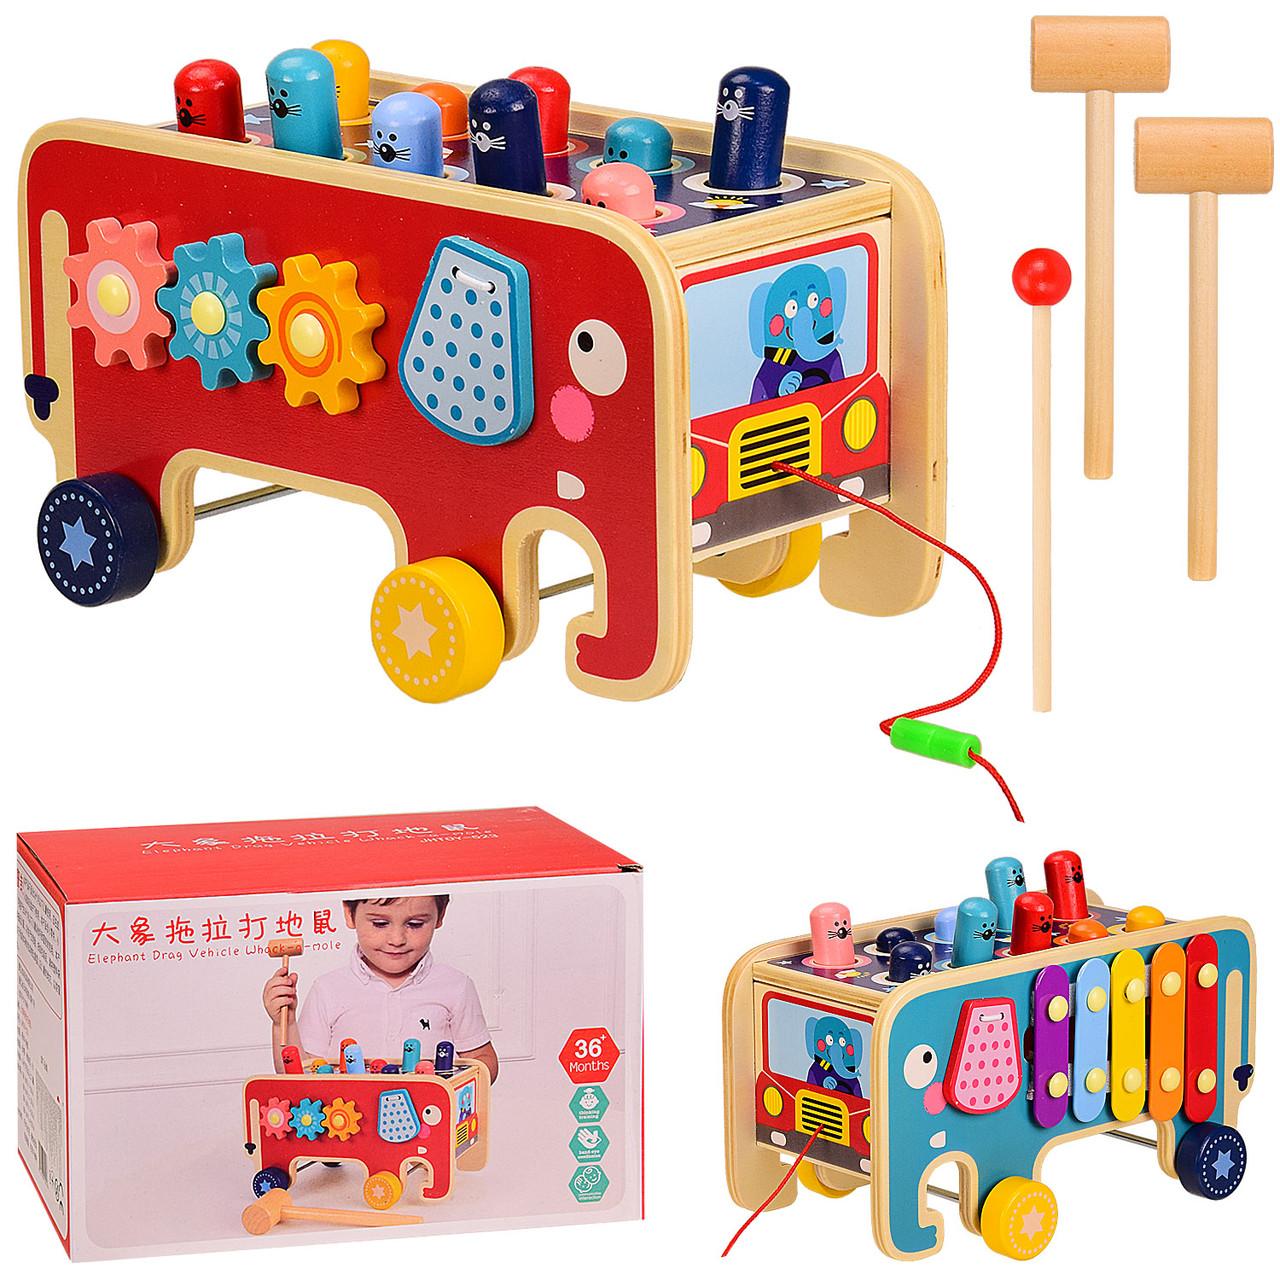 Деревянная игрушка Слон- каталка, стучалка, ксилофон, в коробке  J202